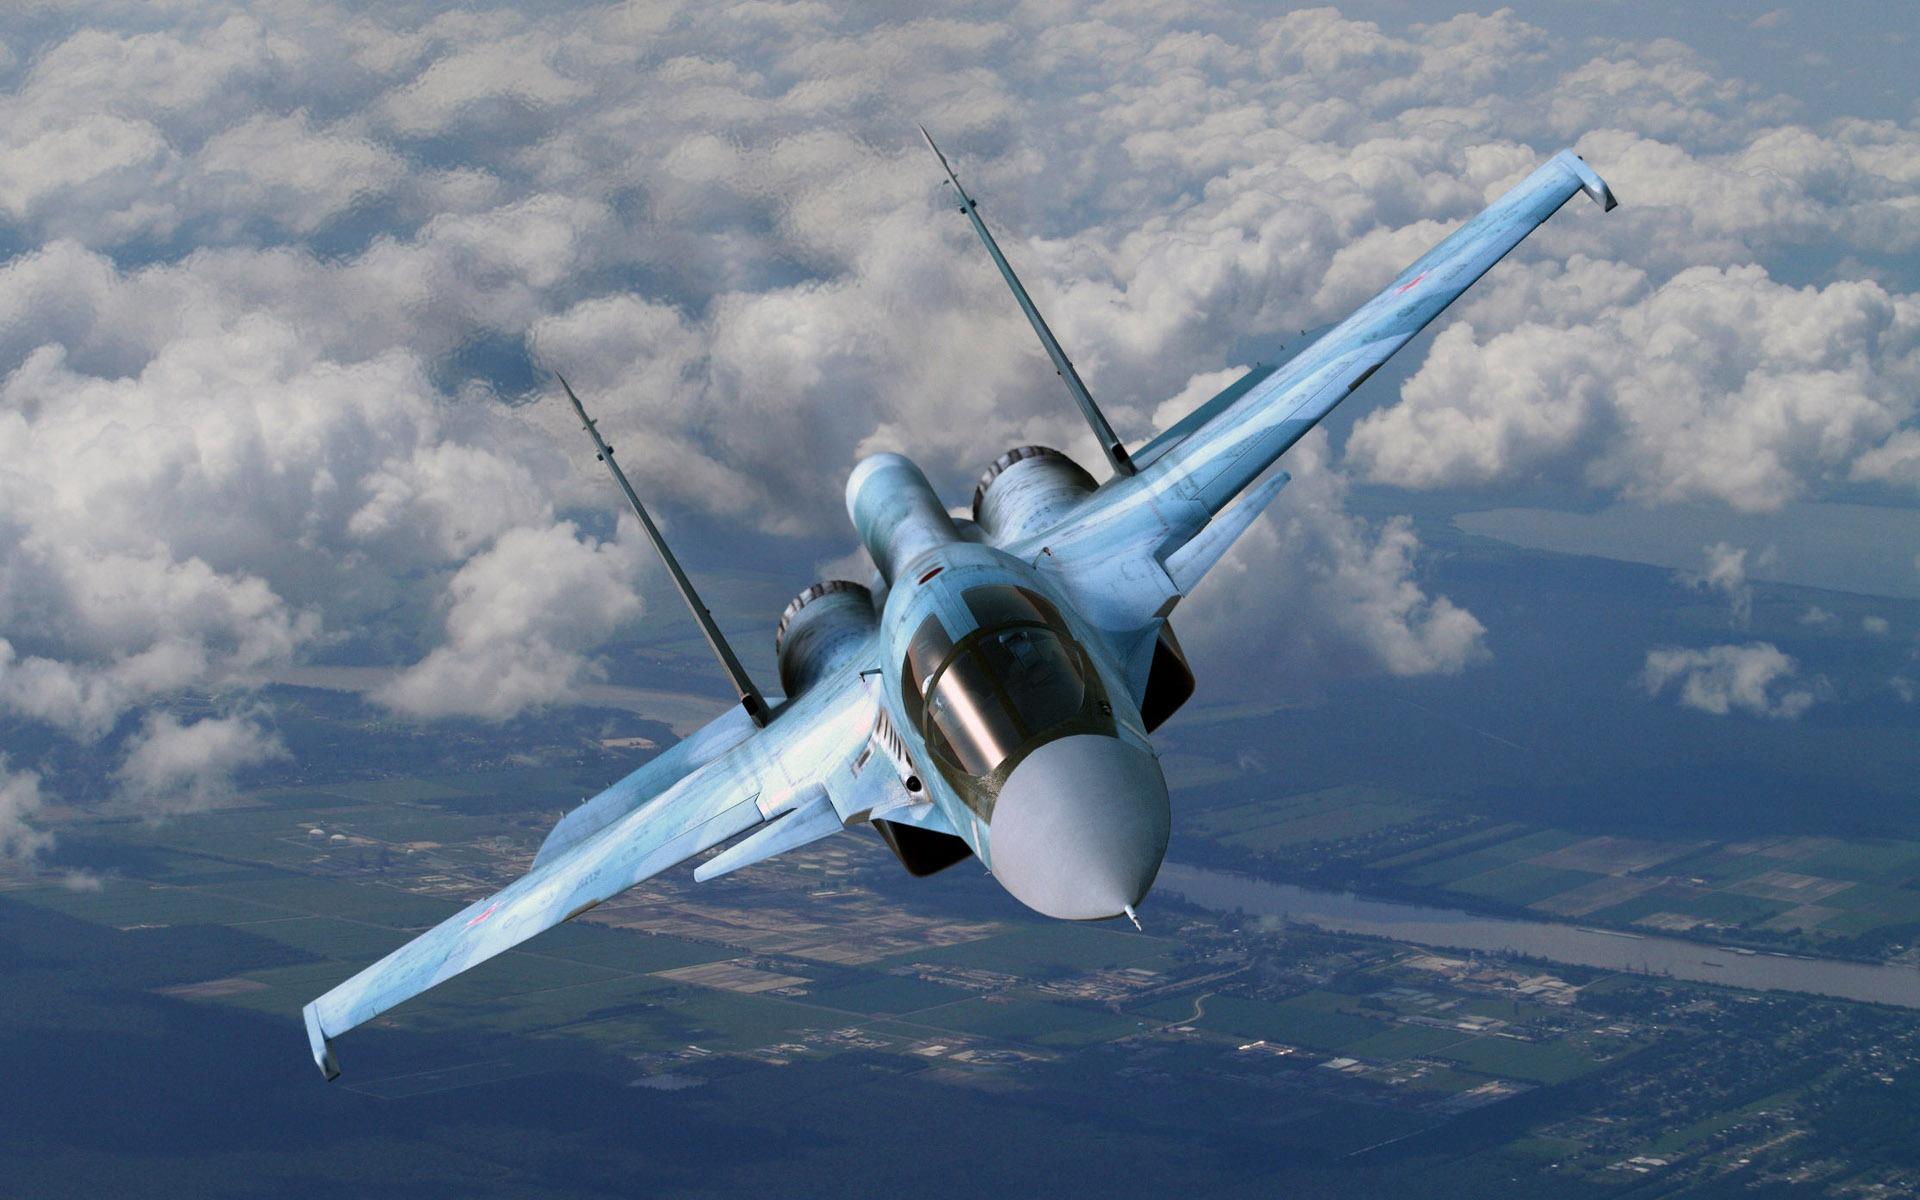 Два истребителя Су-34 столкнулись в воздухе на Дальнем Востоке: о судьбе экипажа пока данных нет